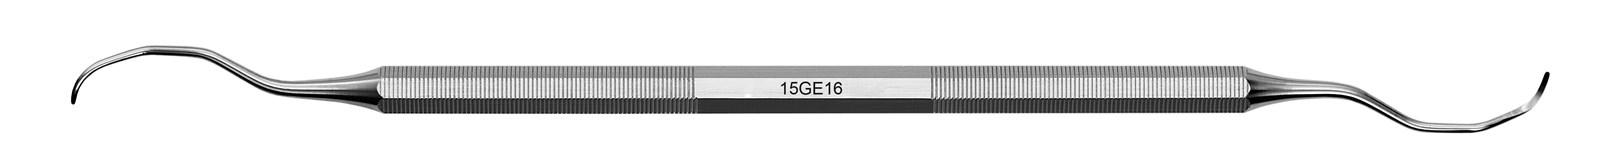 Kyreta Gracey Classic - 15GE16, ADEP silikonový návlek fialový